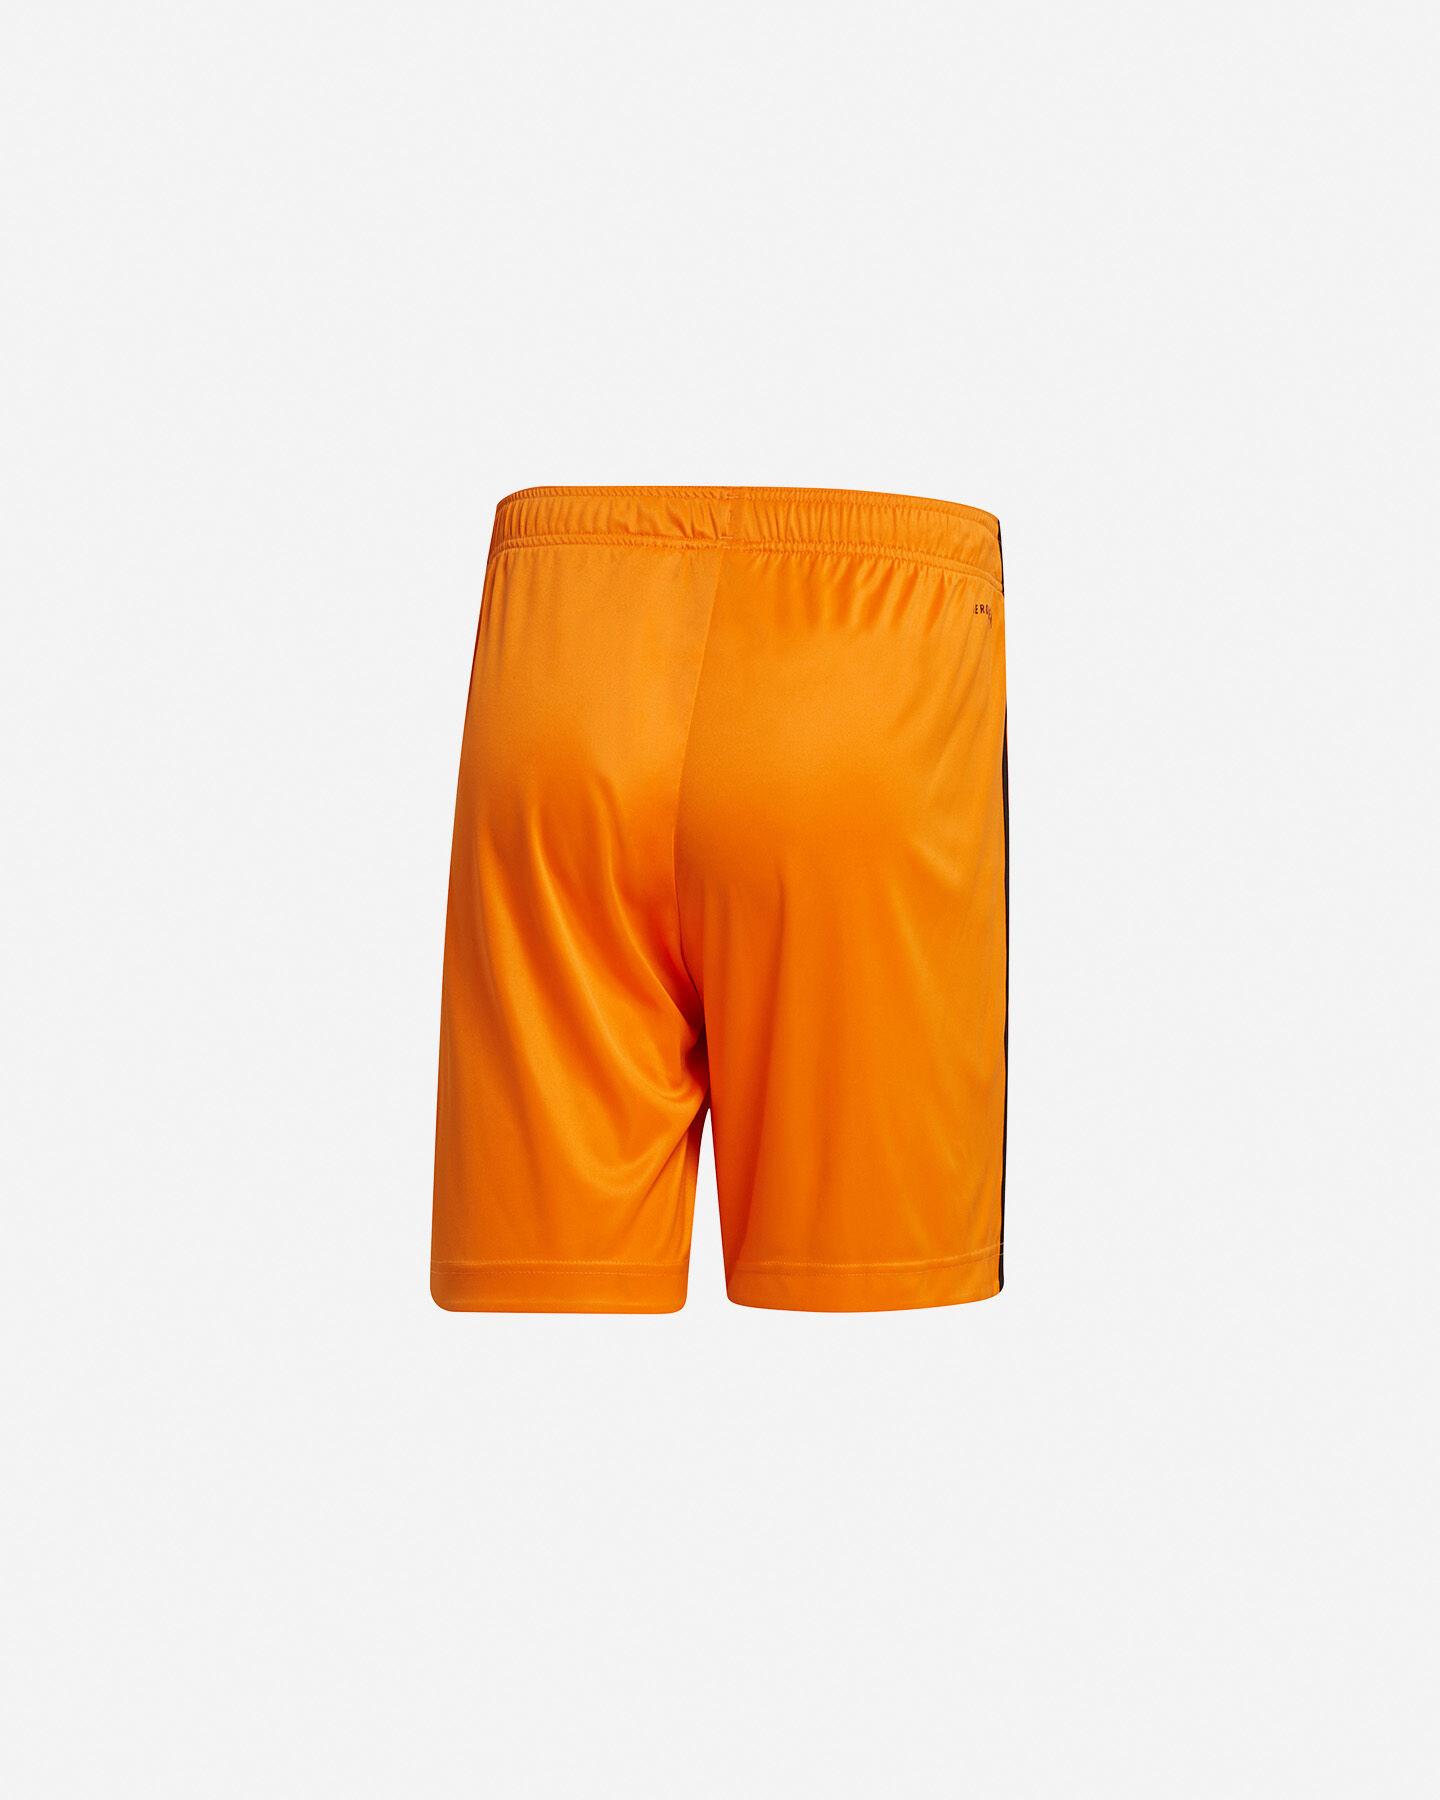 Pantaloncini calcio ADIDAS JUVENTUS THIRD 20-21 M S5217283 scatto 1